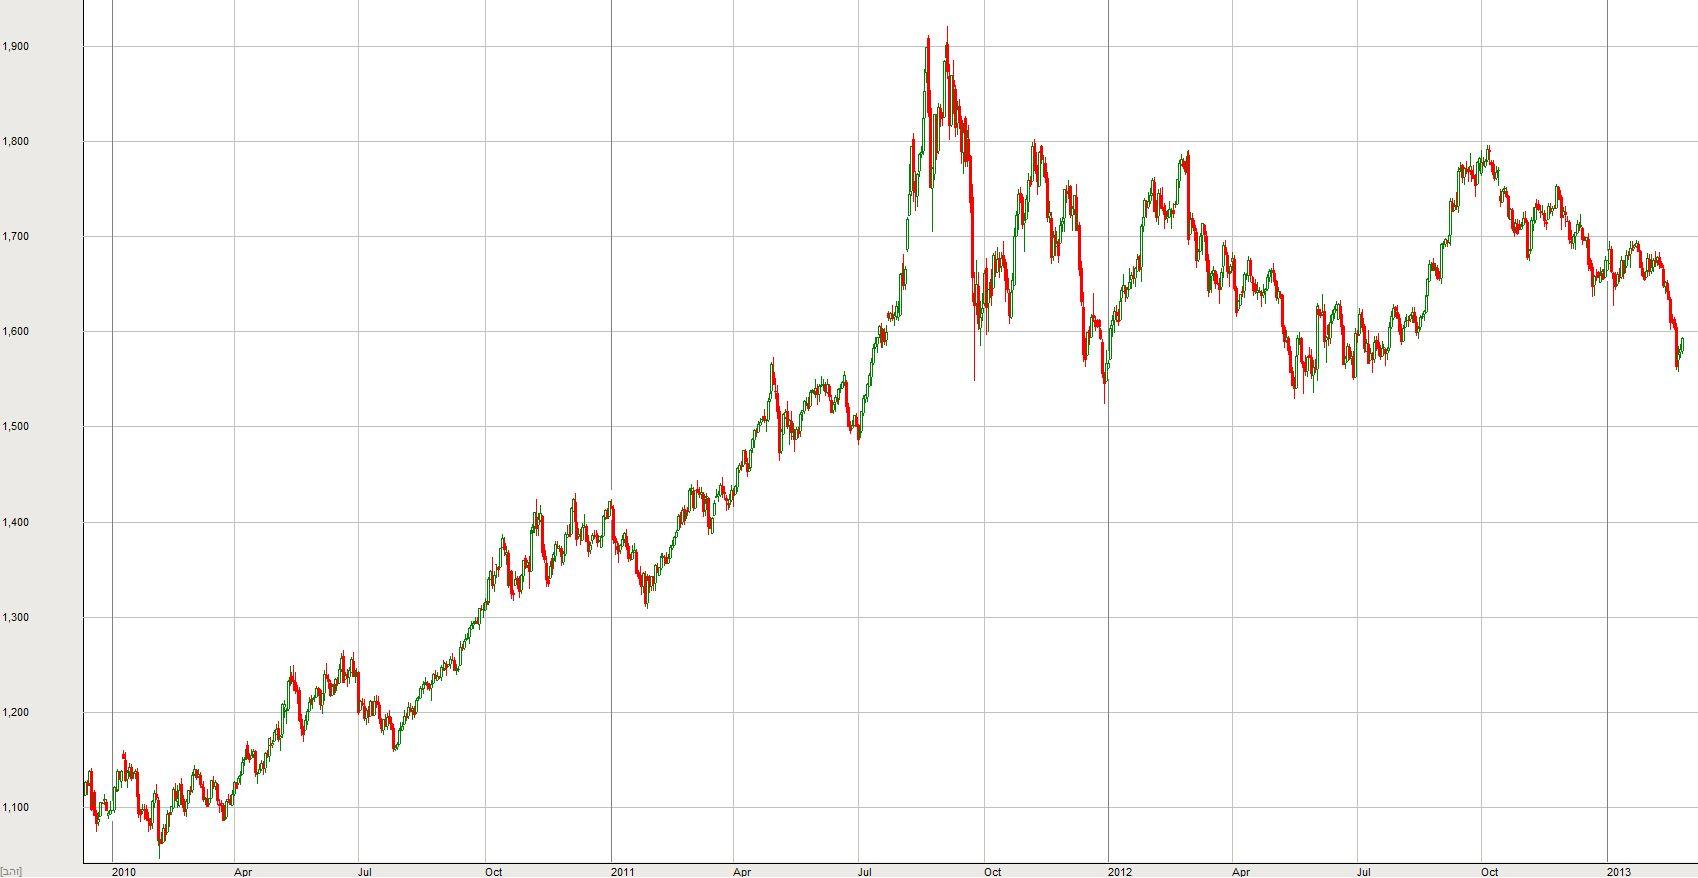 גרף הזהב בשנים האחרונות